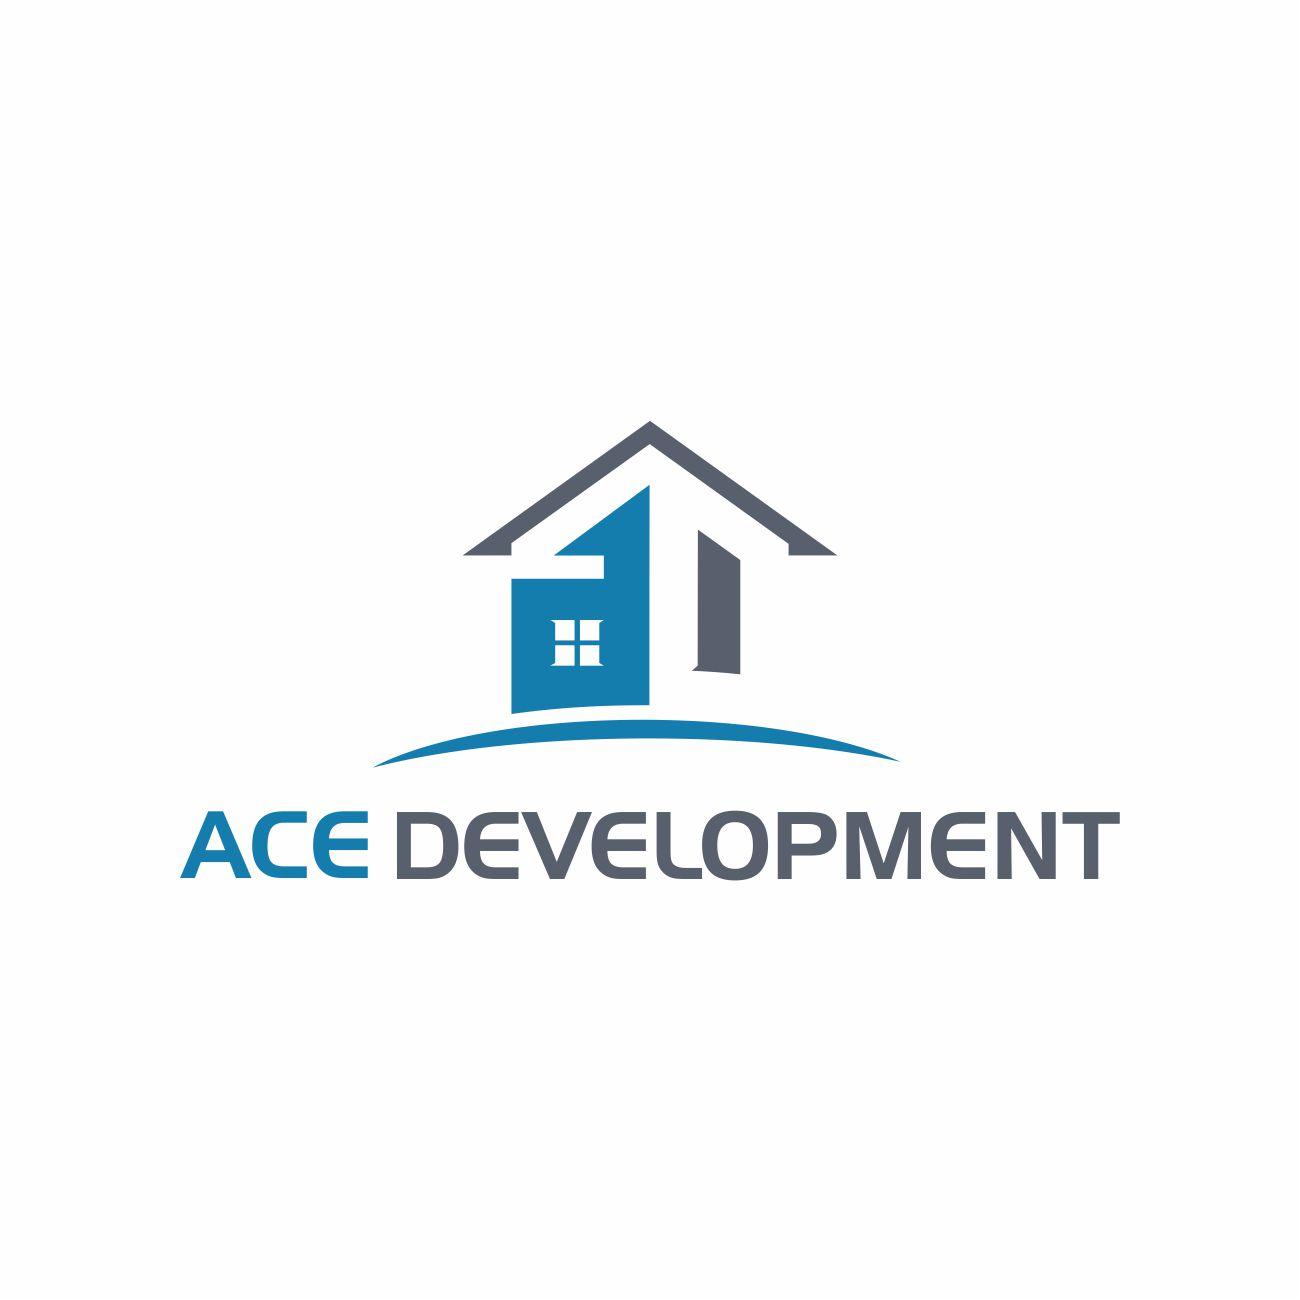 Logo Design by RasYa Muhammad Athaya - Entry No. 24 in the Logo Design Contest Fun Logo Design for Ace development.